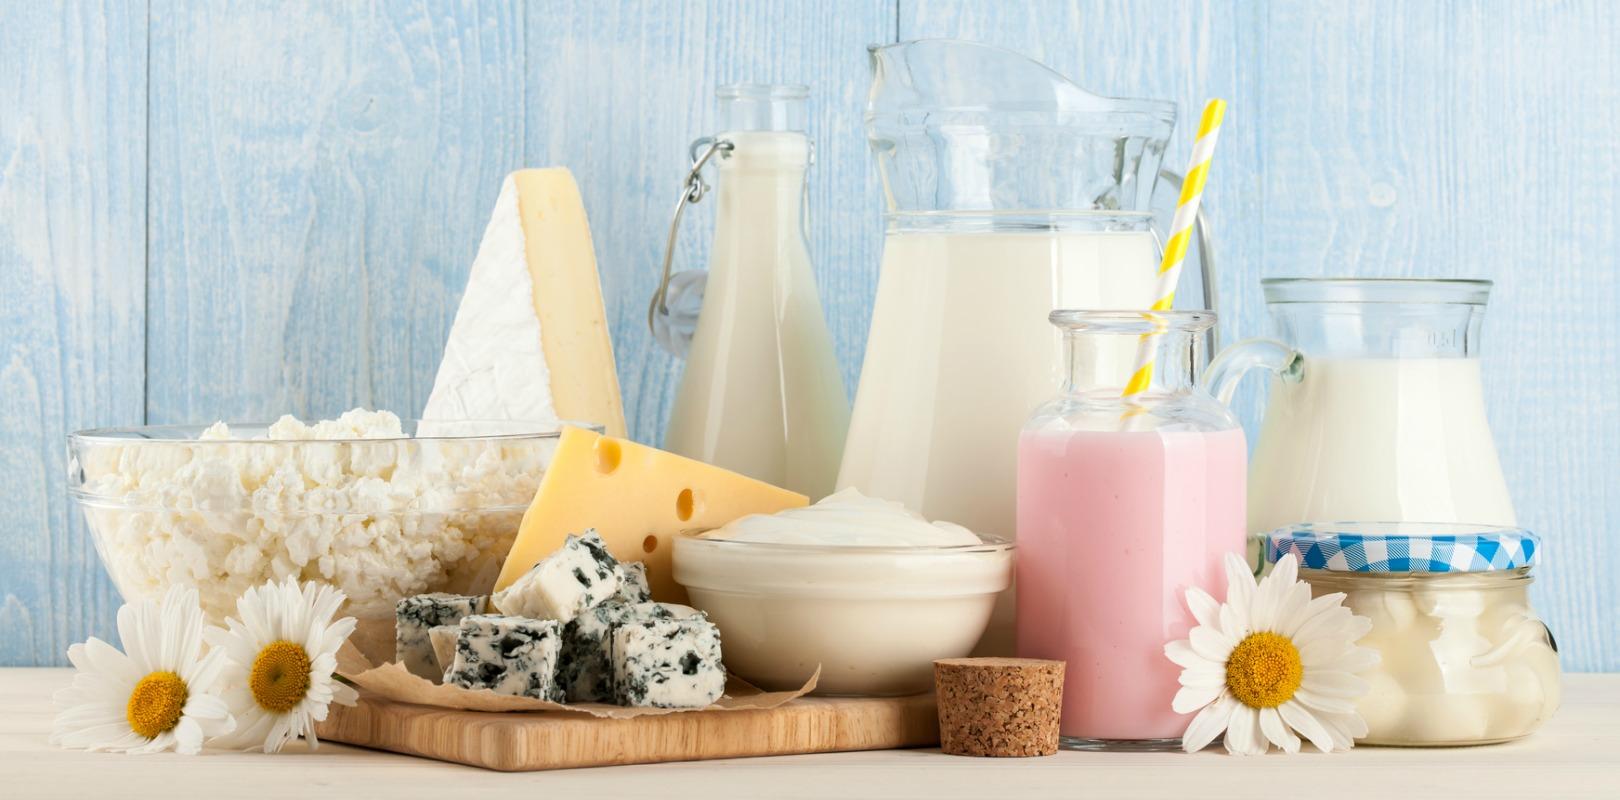 Por qué me sienta tan mal la leche y puedo comer yogures y queso.